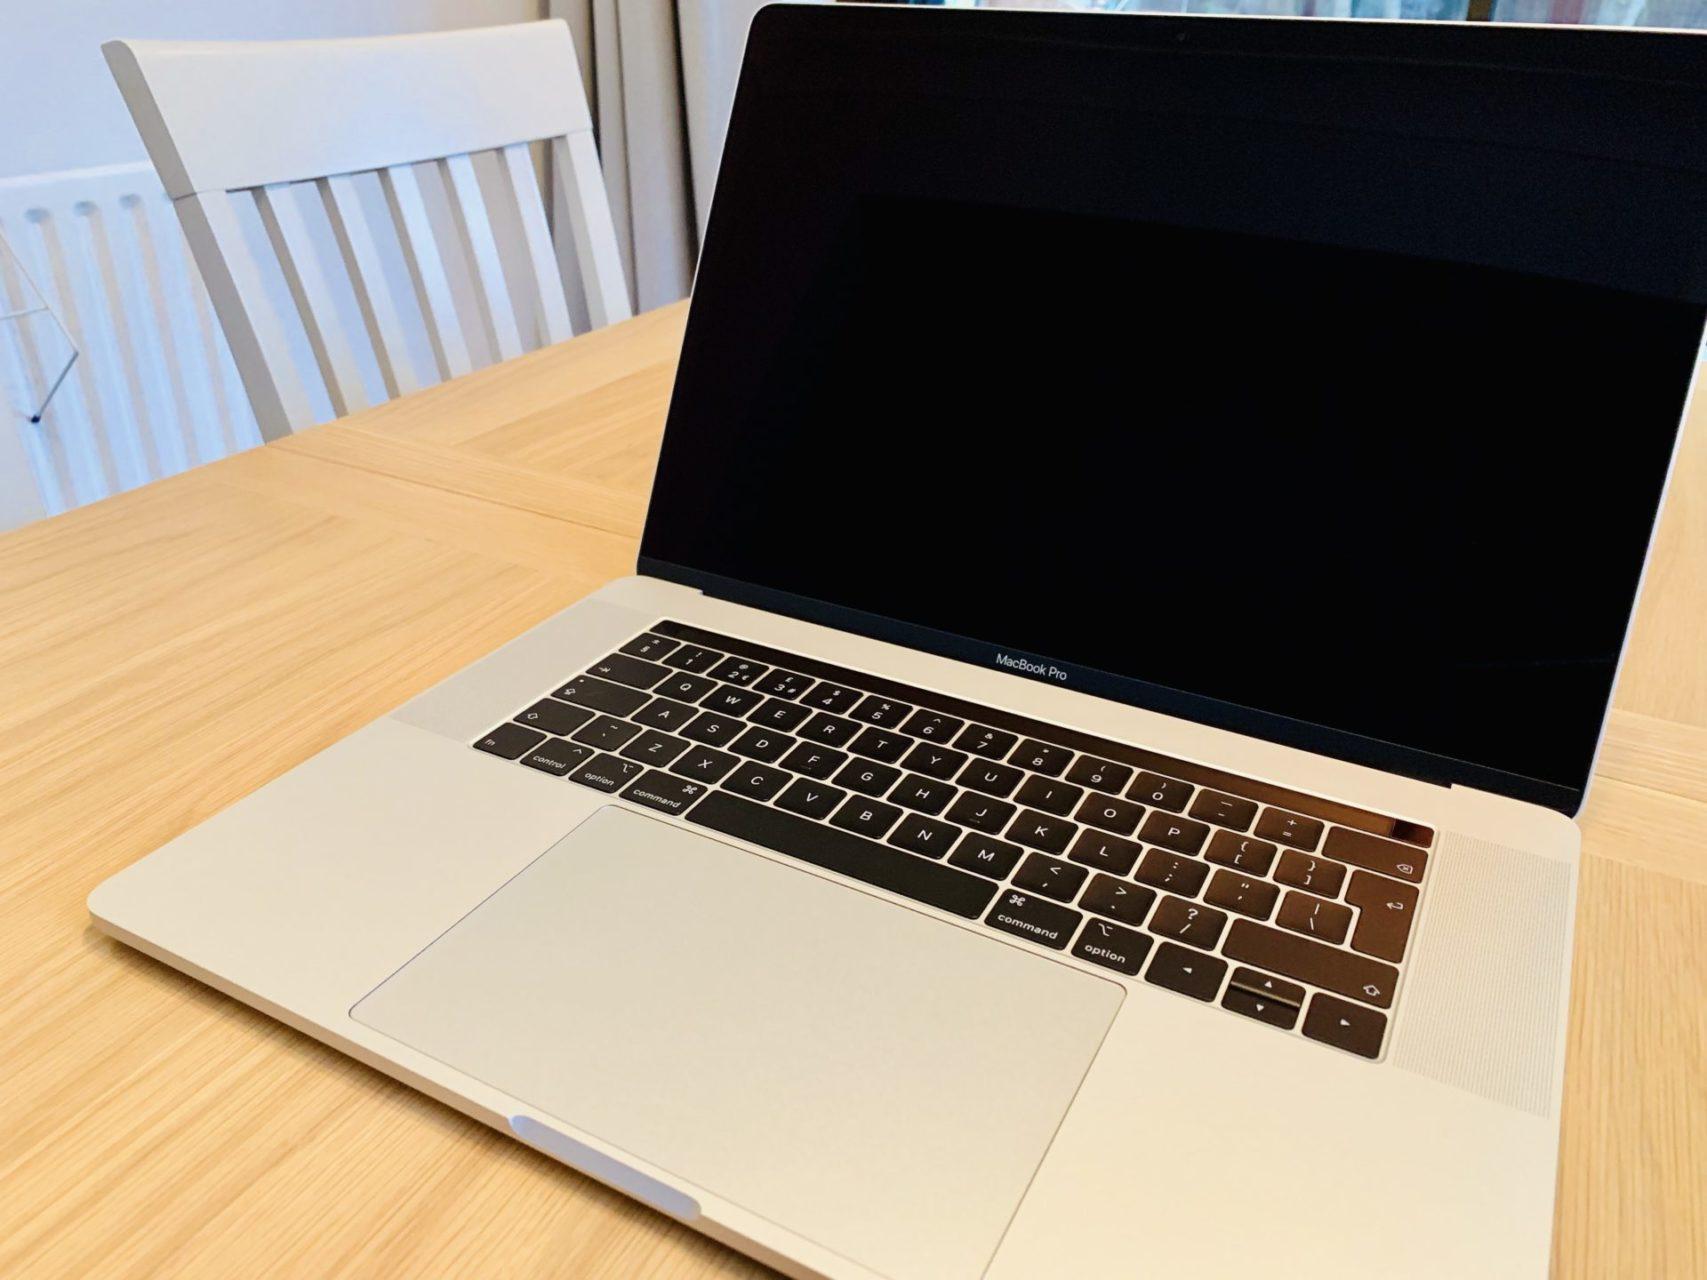 2018 MacBook Pro 15 inch